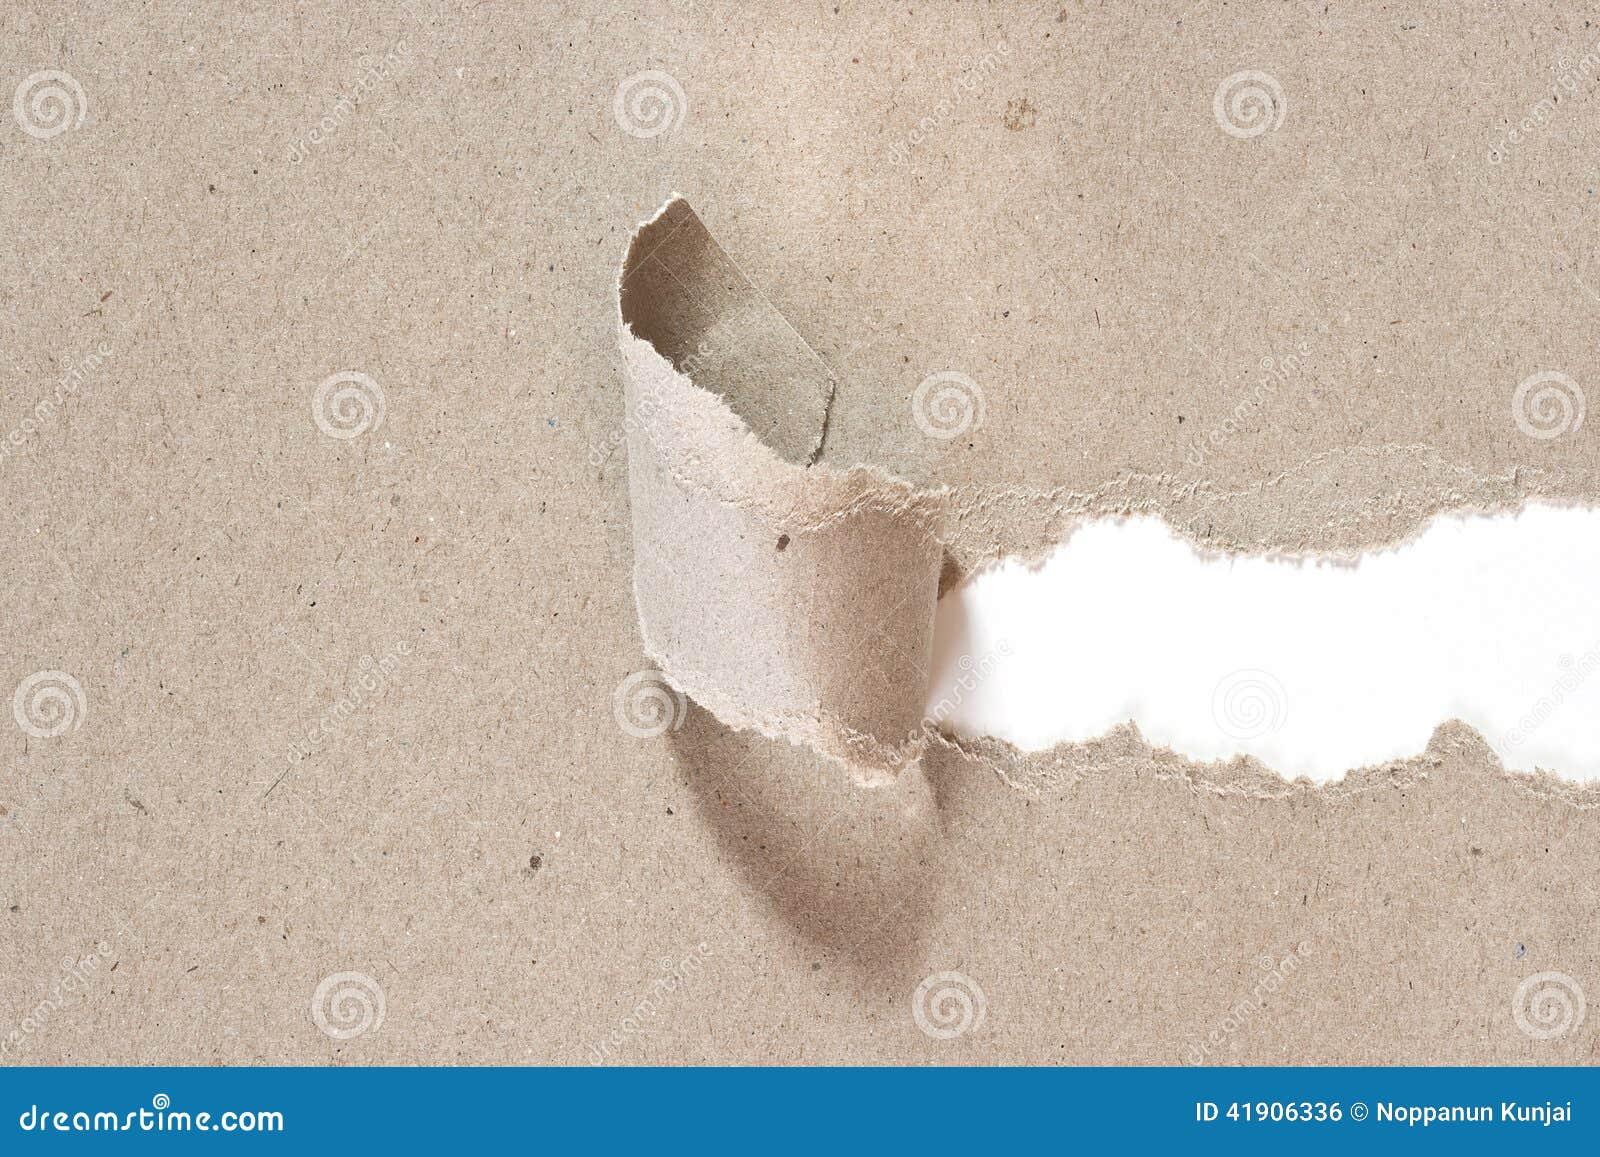 El papel reciclado fue rasgado una tira